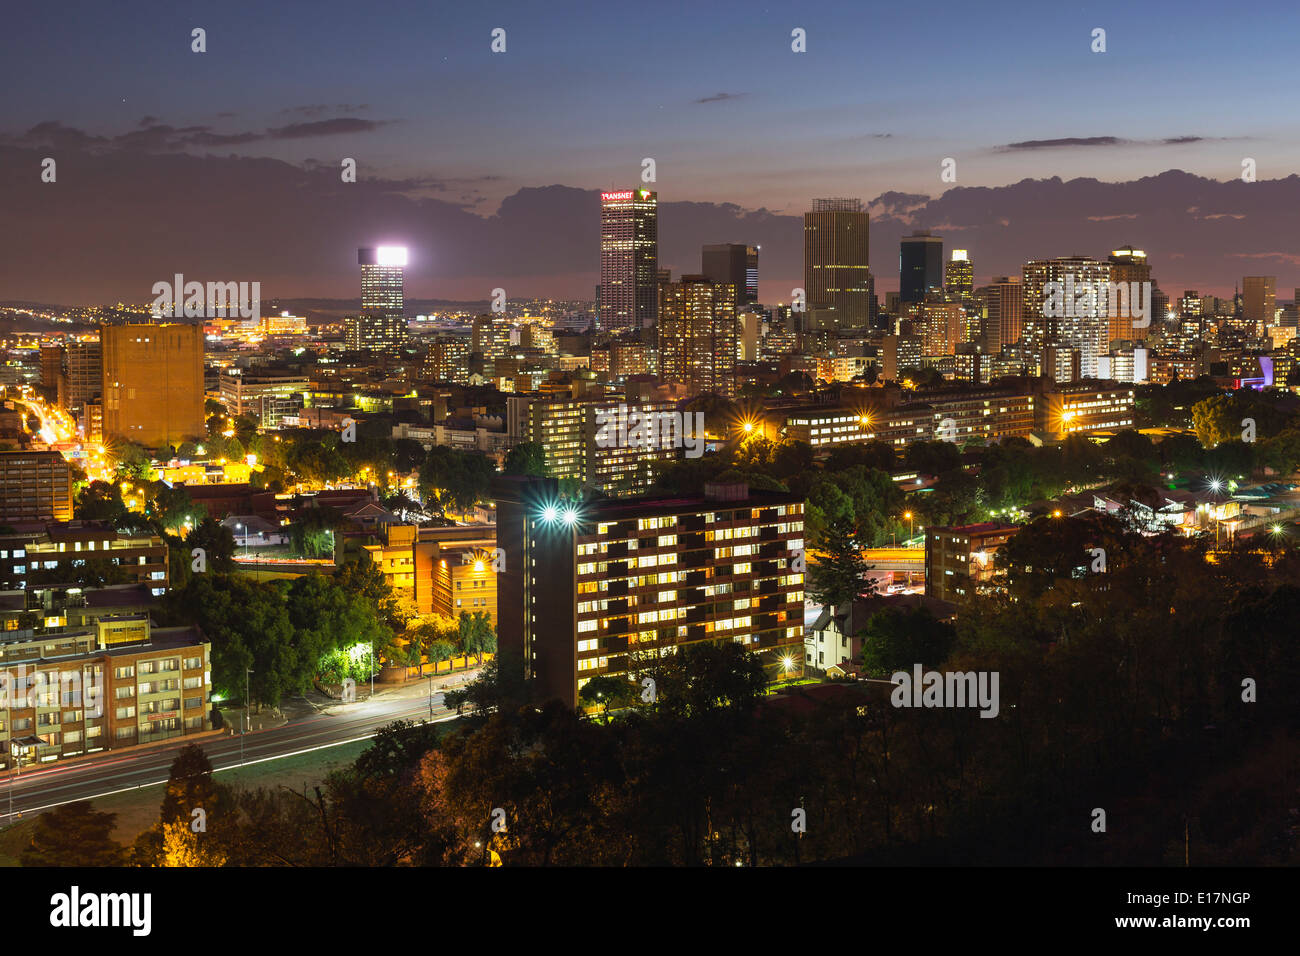 Quartier central des affaires de Johannesburg dans la nuit. L'Afrique du Sud Banque D'Images